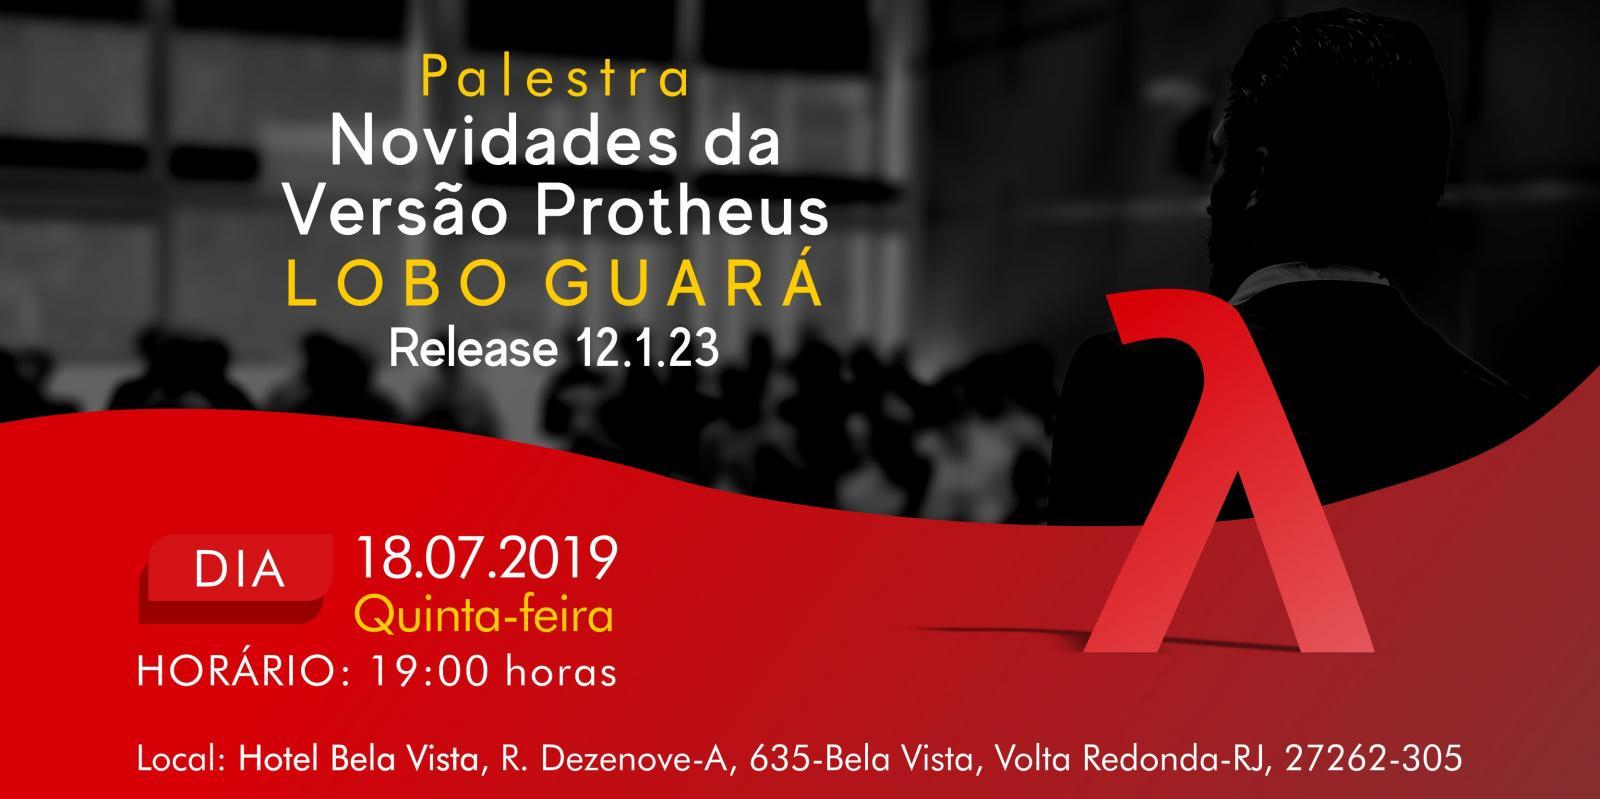 Palestra Novidades da Versão Protheus Lobo Guará